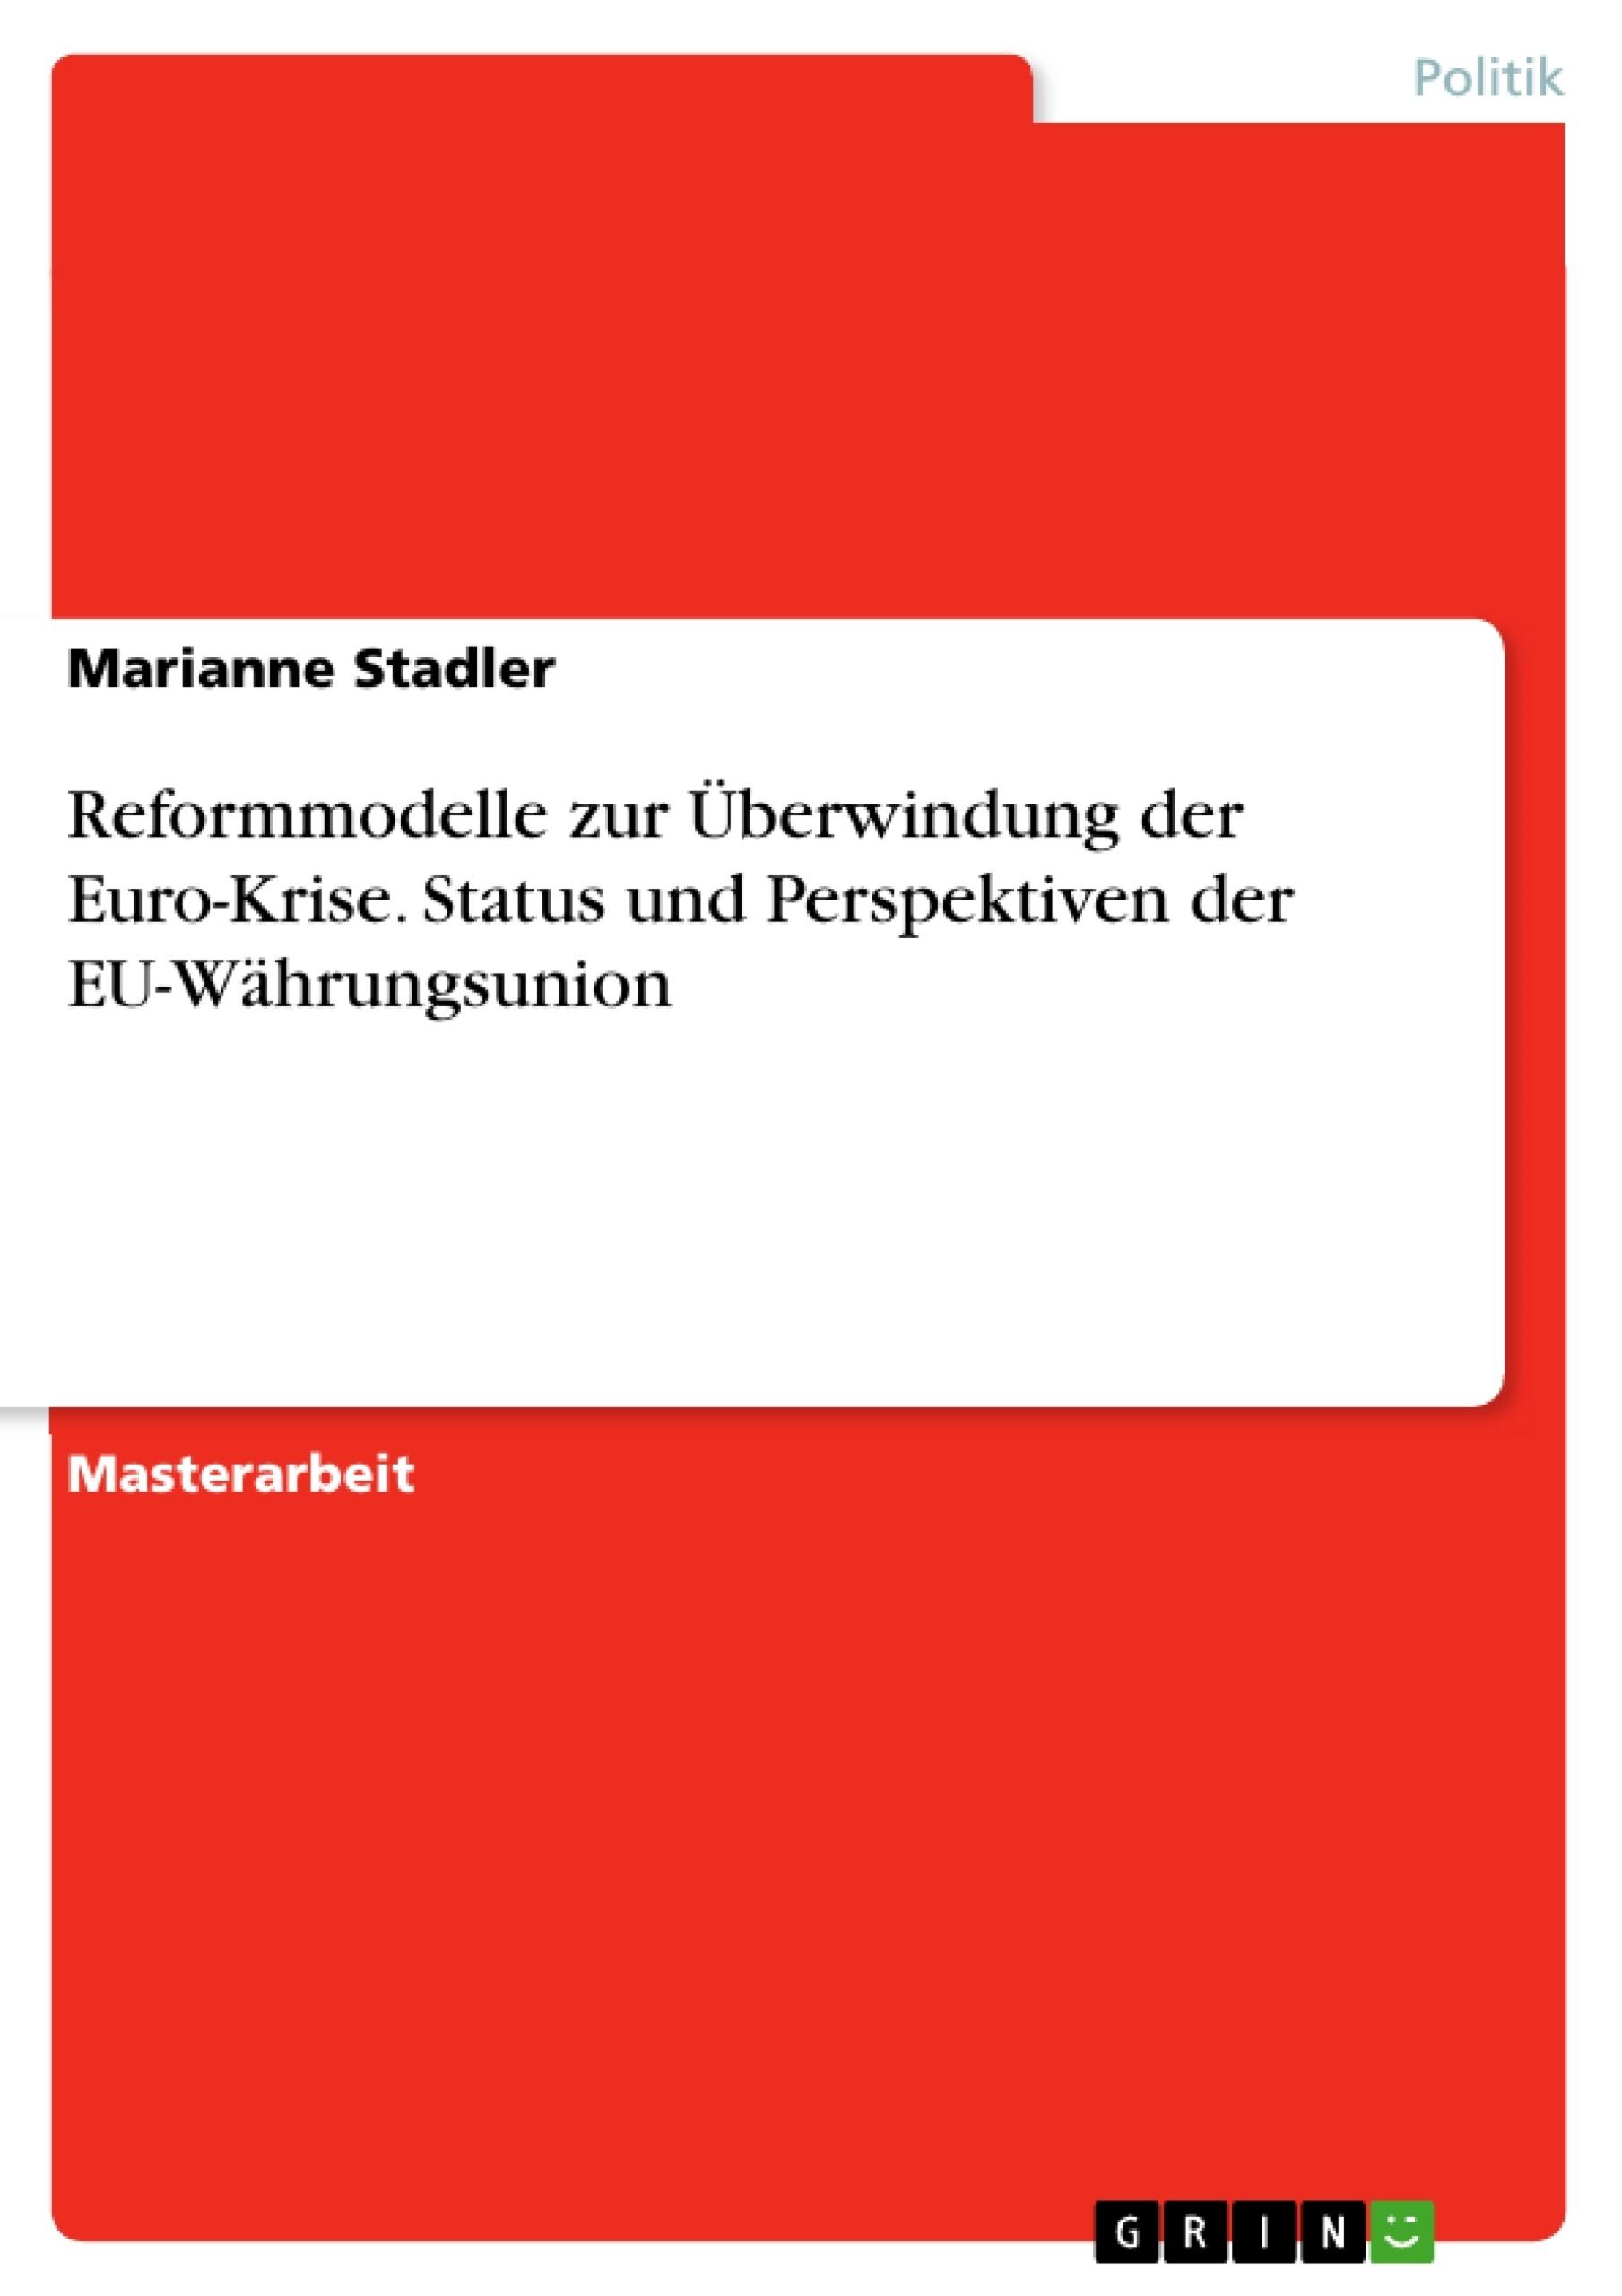 Titel: Reformmodelle zur Überwindung der Euro-Krise. Status und Perspektiven der EU-Währungsunion